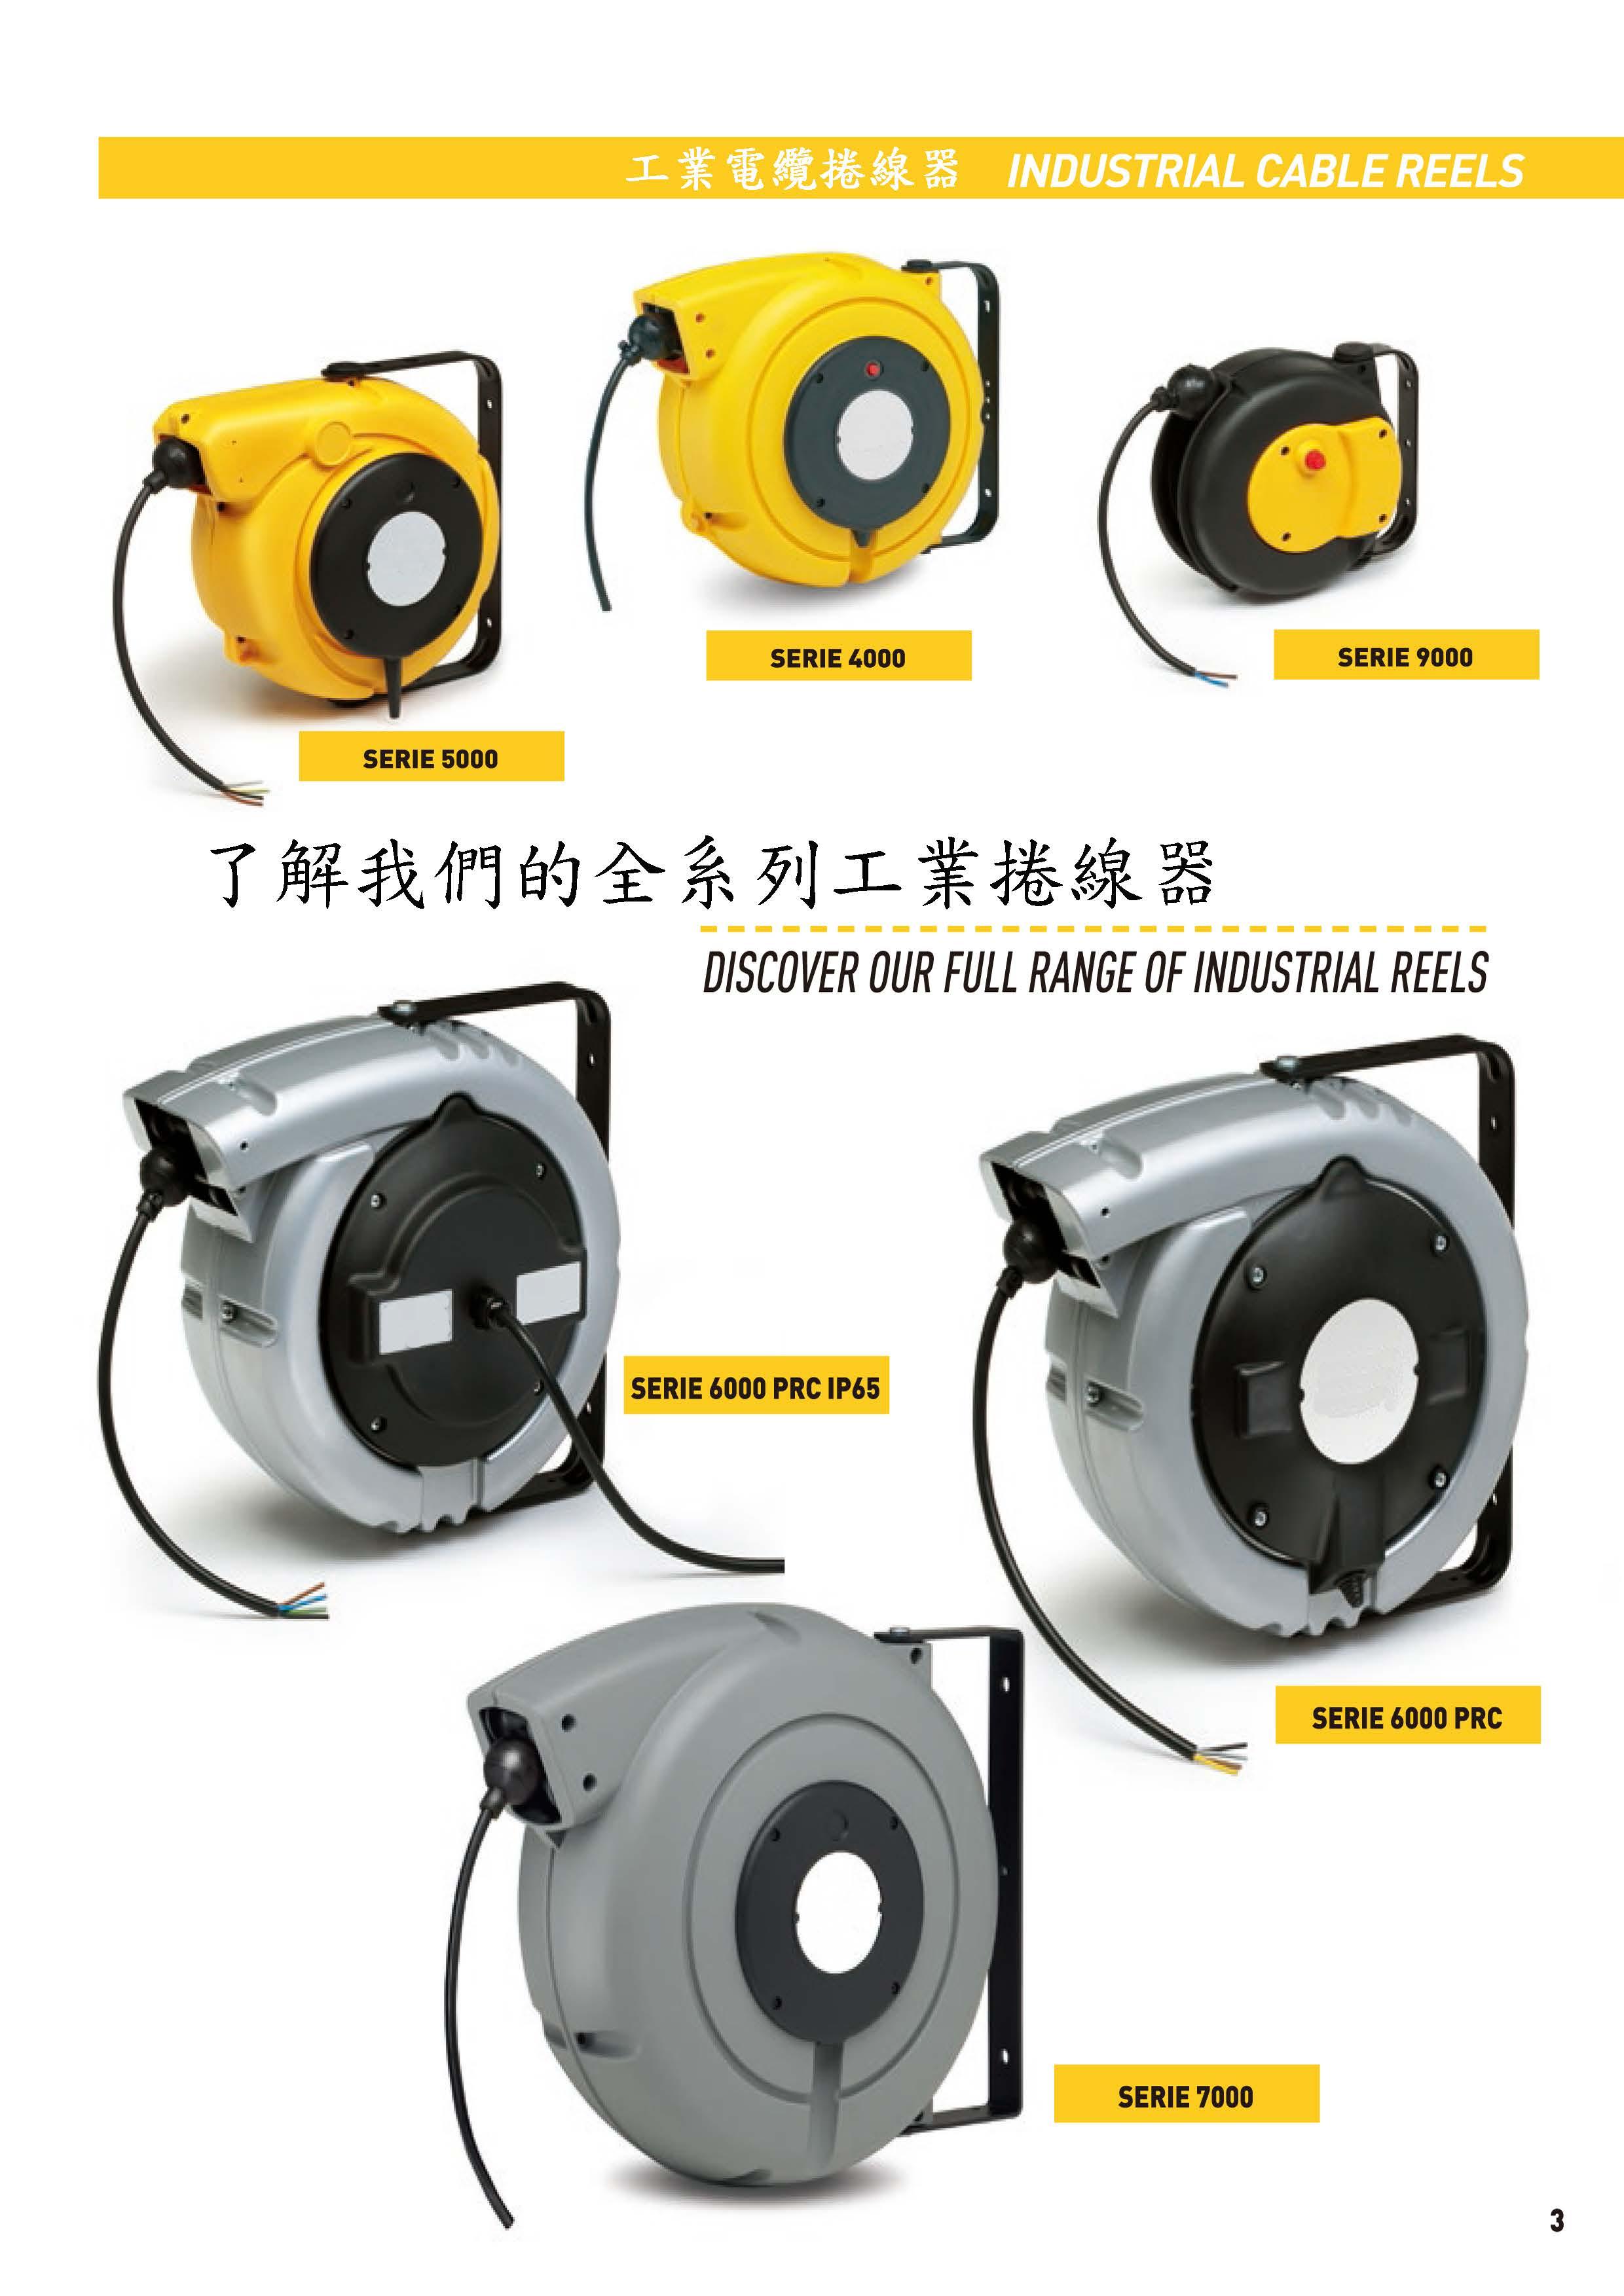 6-3.了解我們的全系列工業捲線器Discover our full range of industrial reels